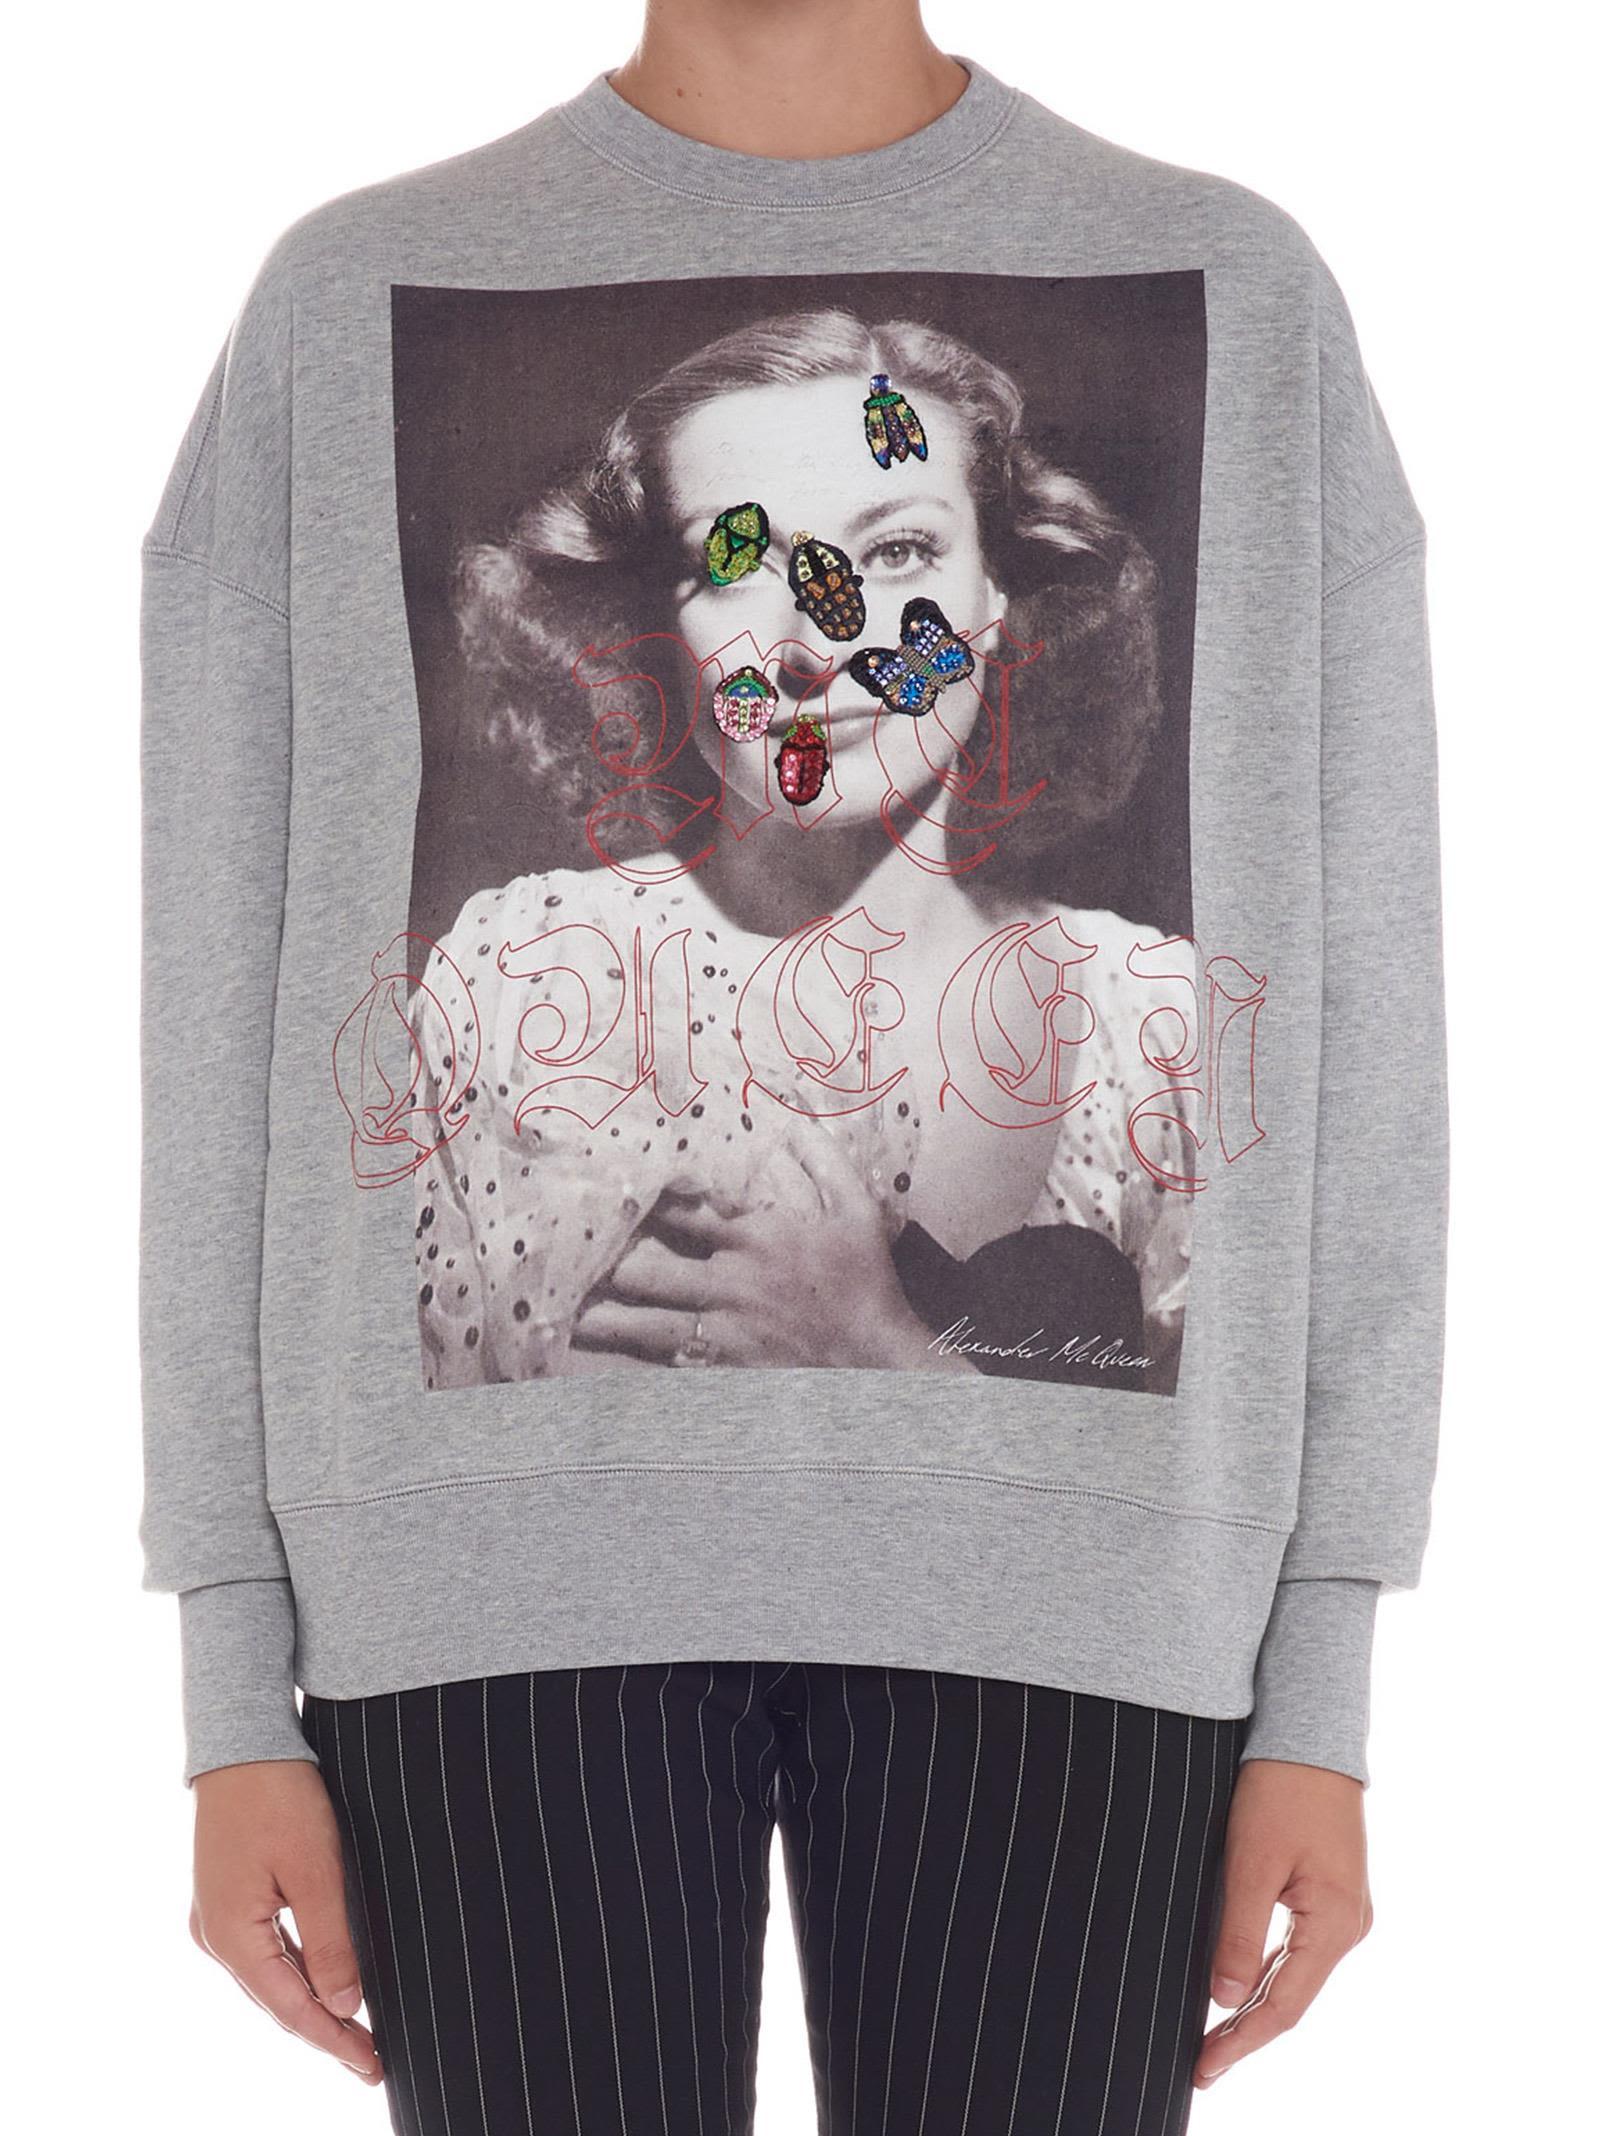 Alexander Mcqueen 'Portrait Bug' Sweatshirt in Grey